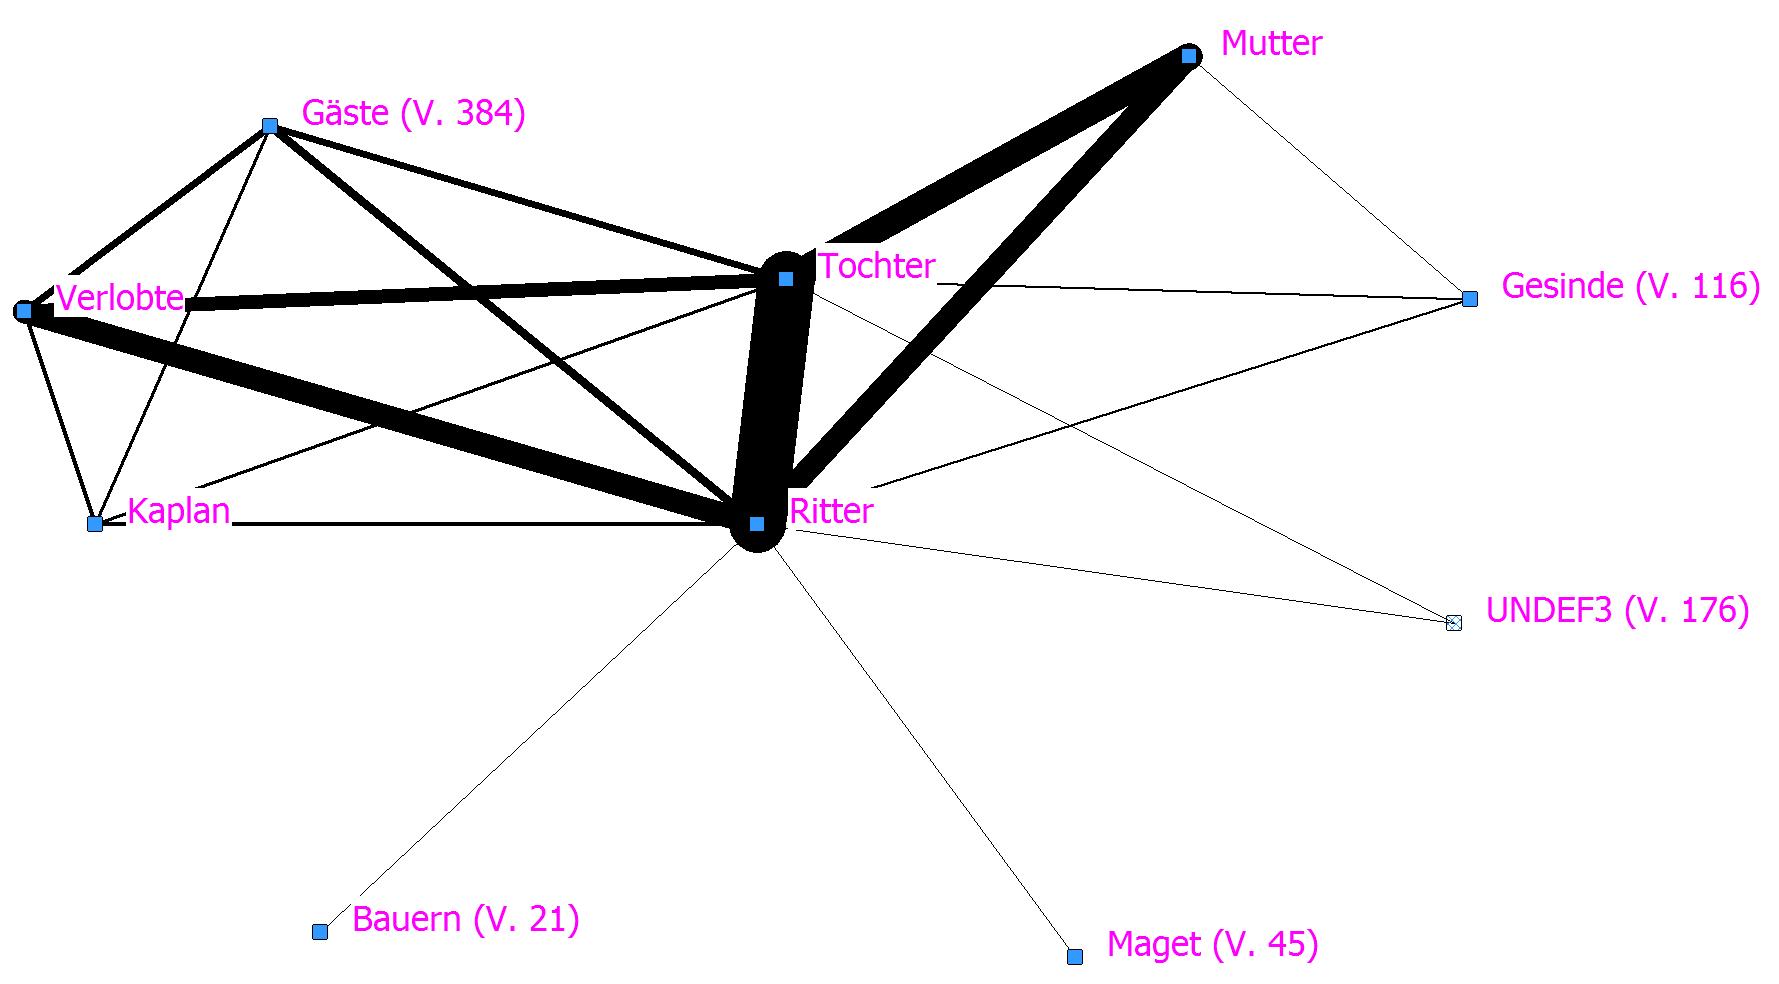 Abb. 18: SNA-Plot zum Häslein auf Basis von <FigurenBezug>. [Grafik: Dimpel 2016.]